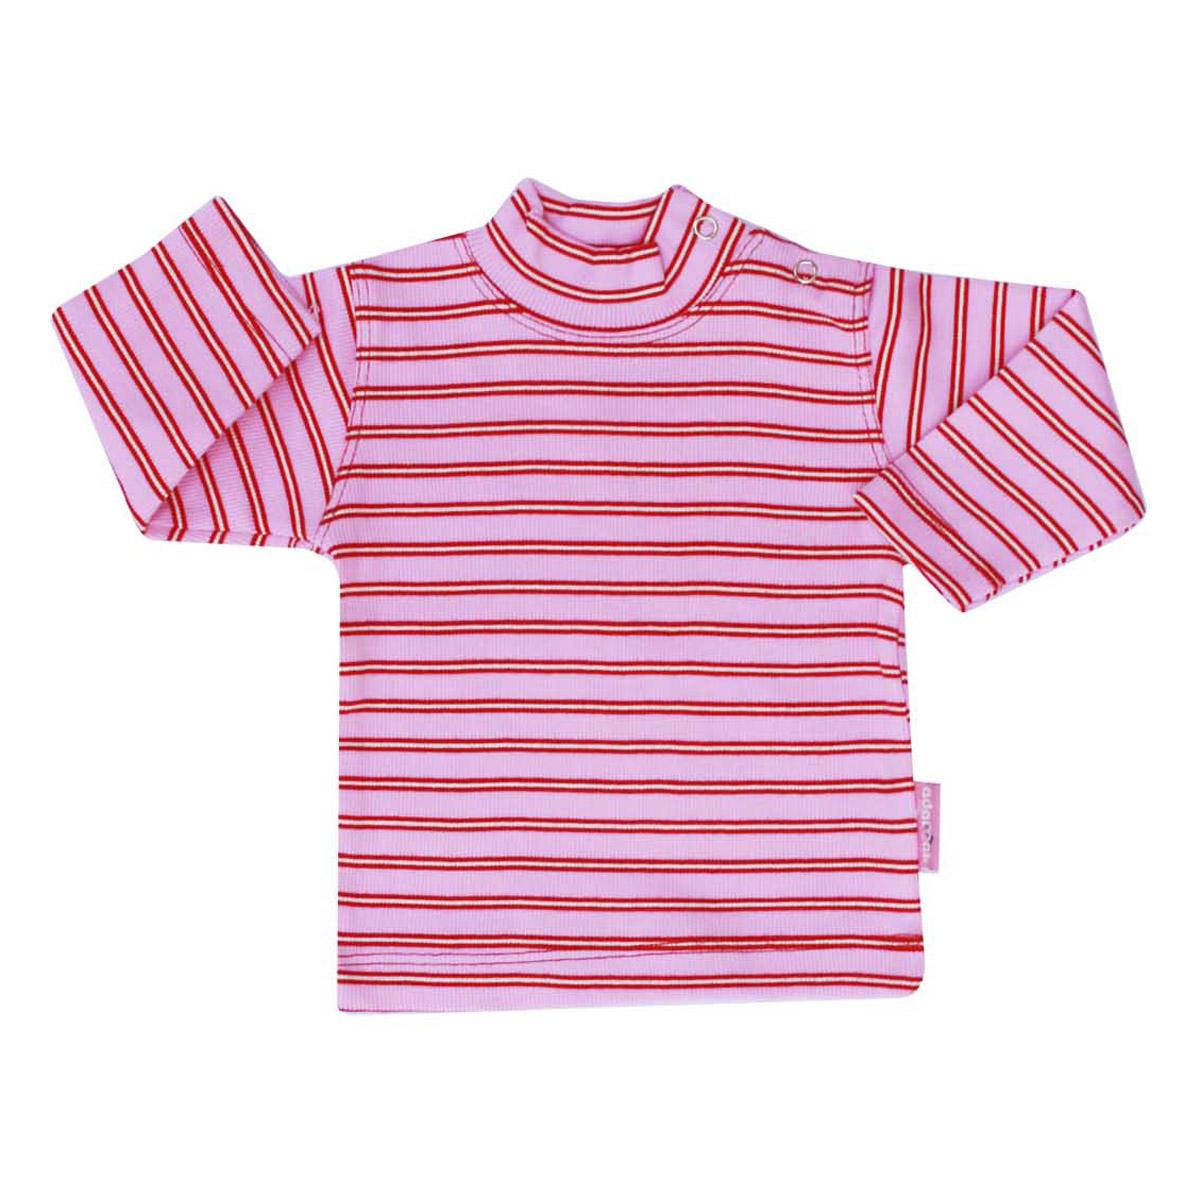 تی شرت دخترانه آدمک طرح راه راه کد 7-1443011 -  - 3